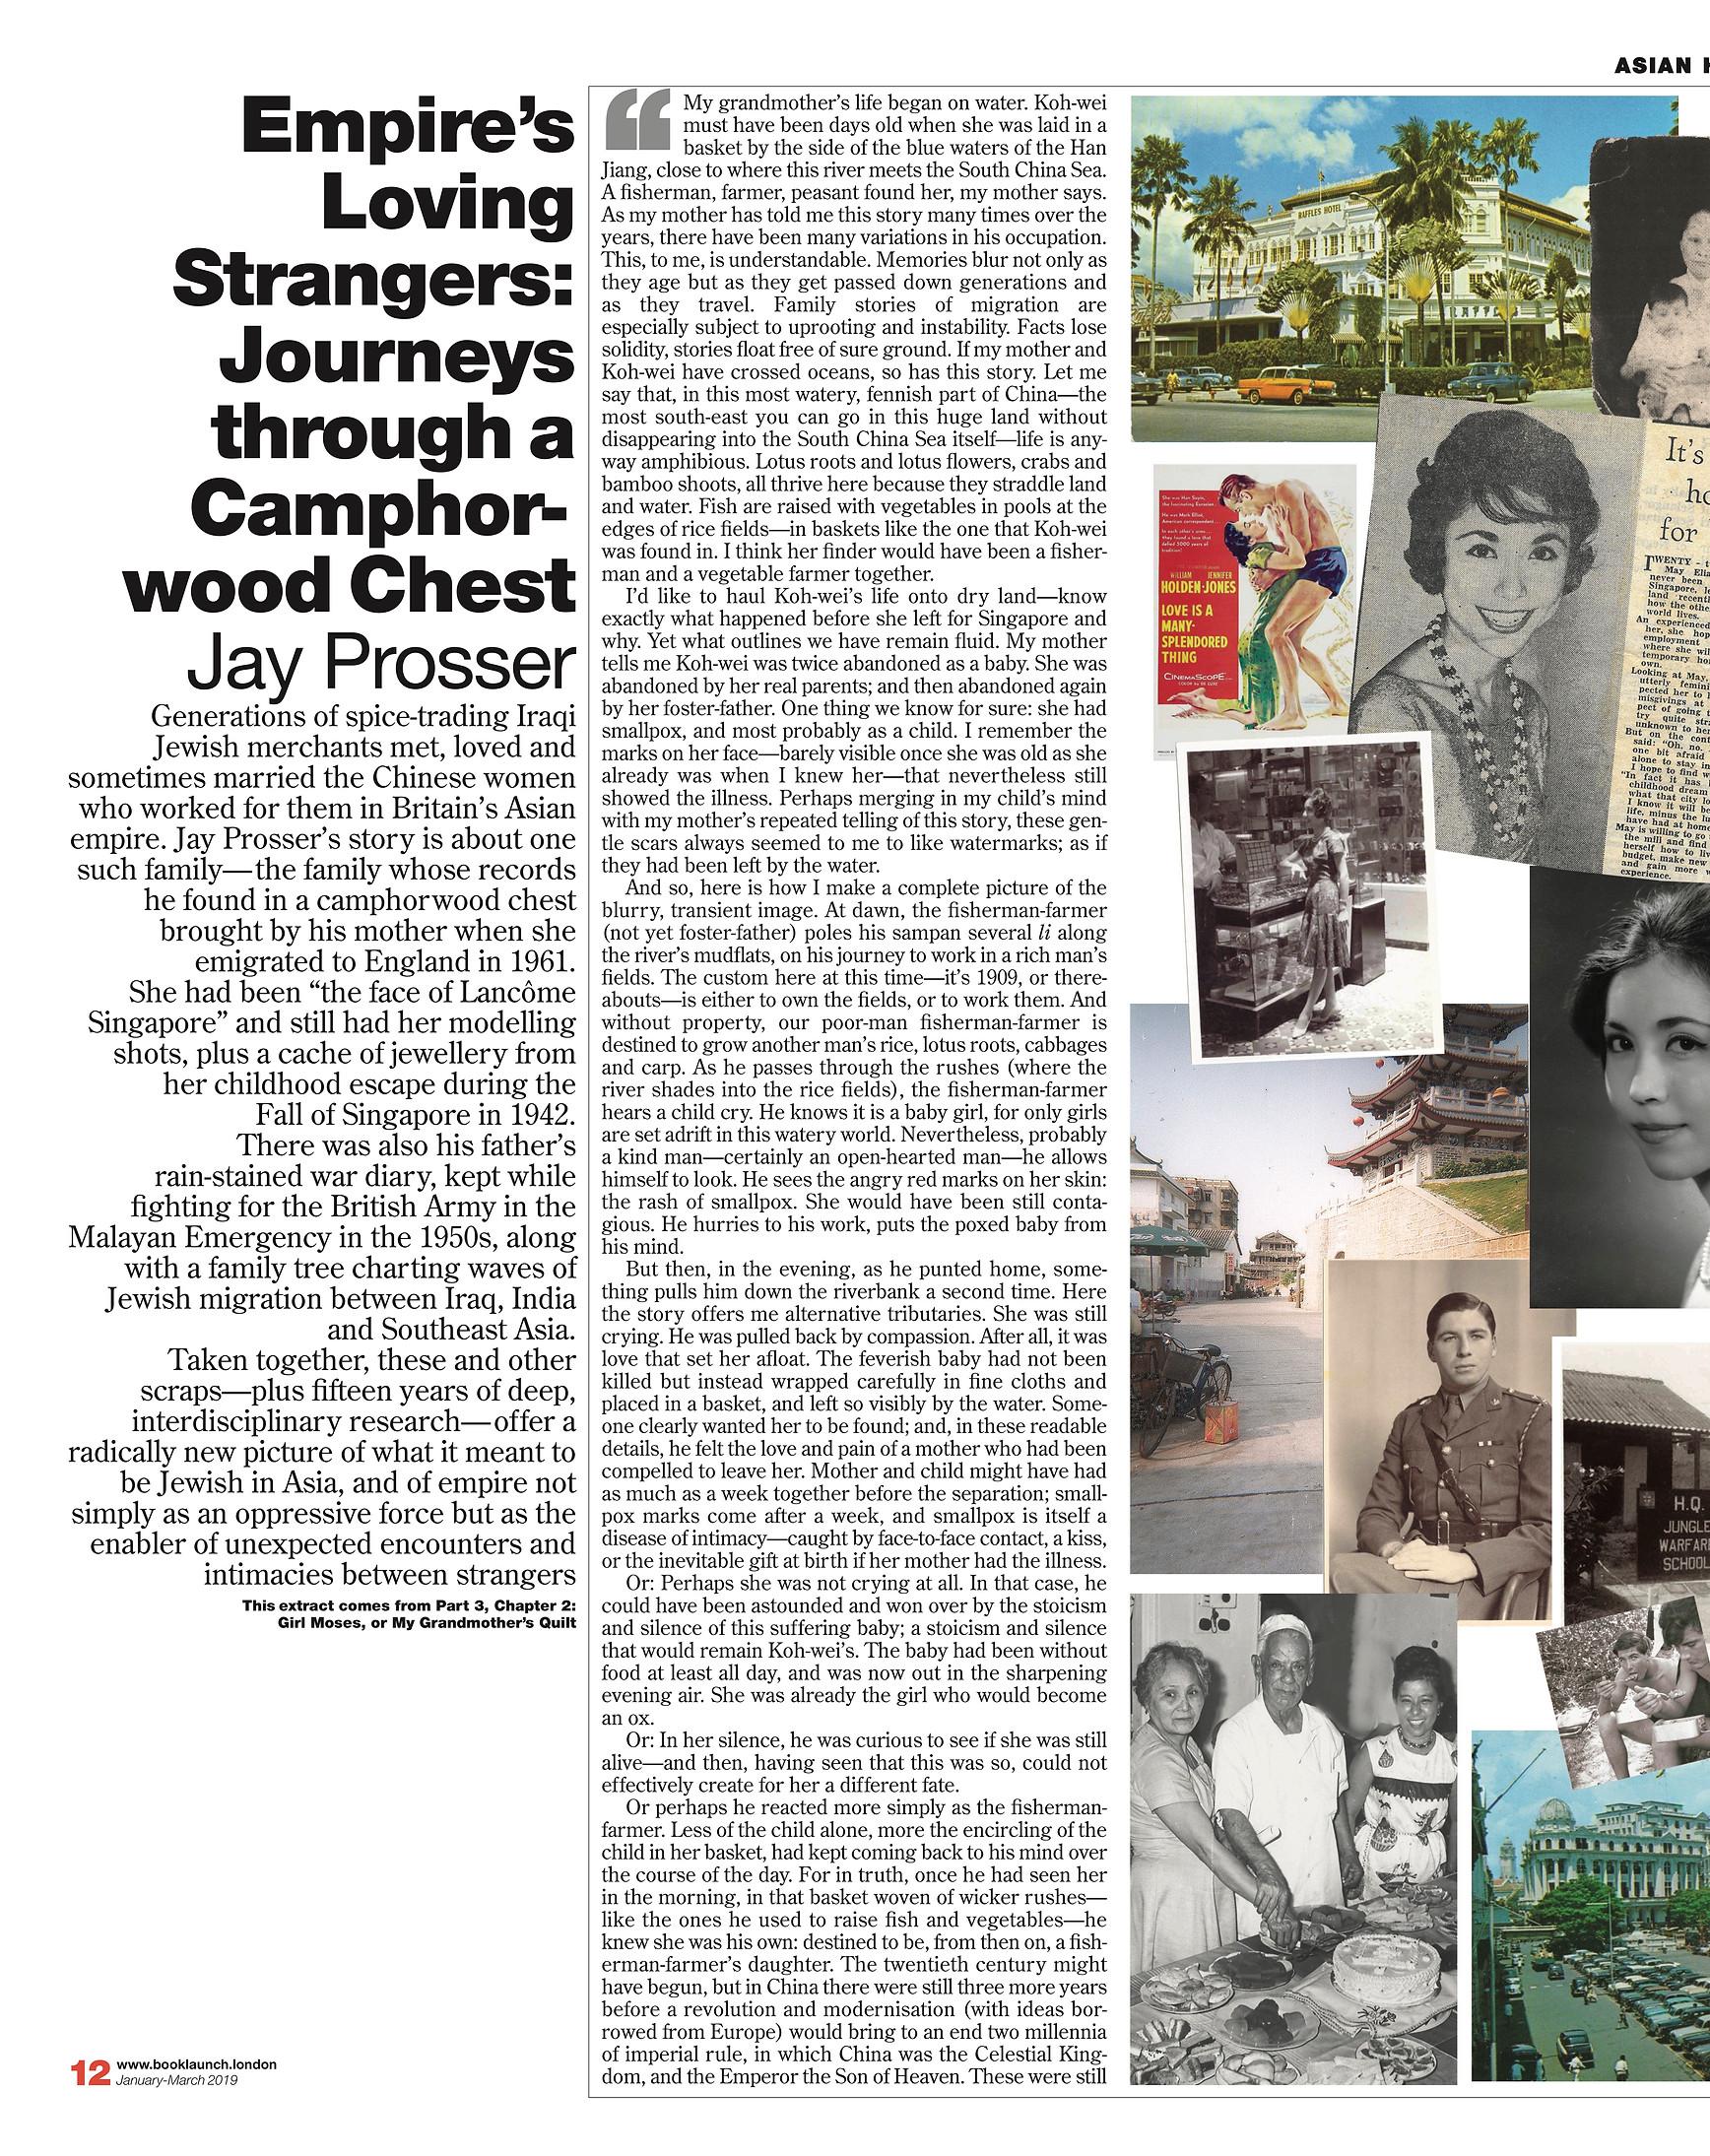 Empire's Loving Strangers, by Jay Prosser